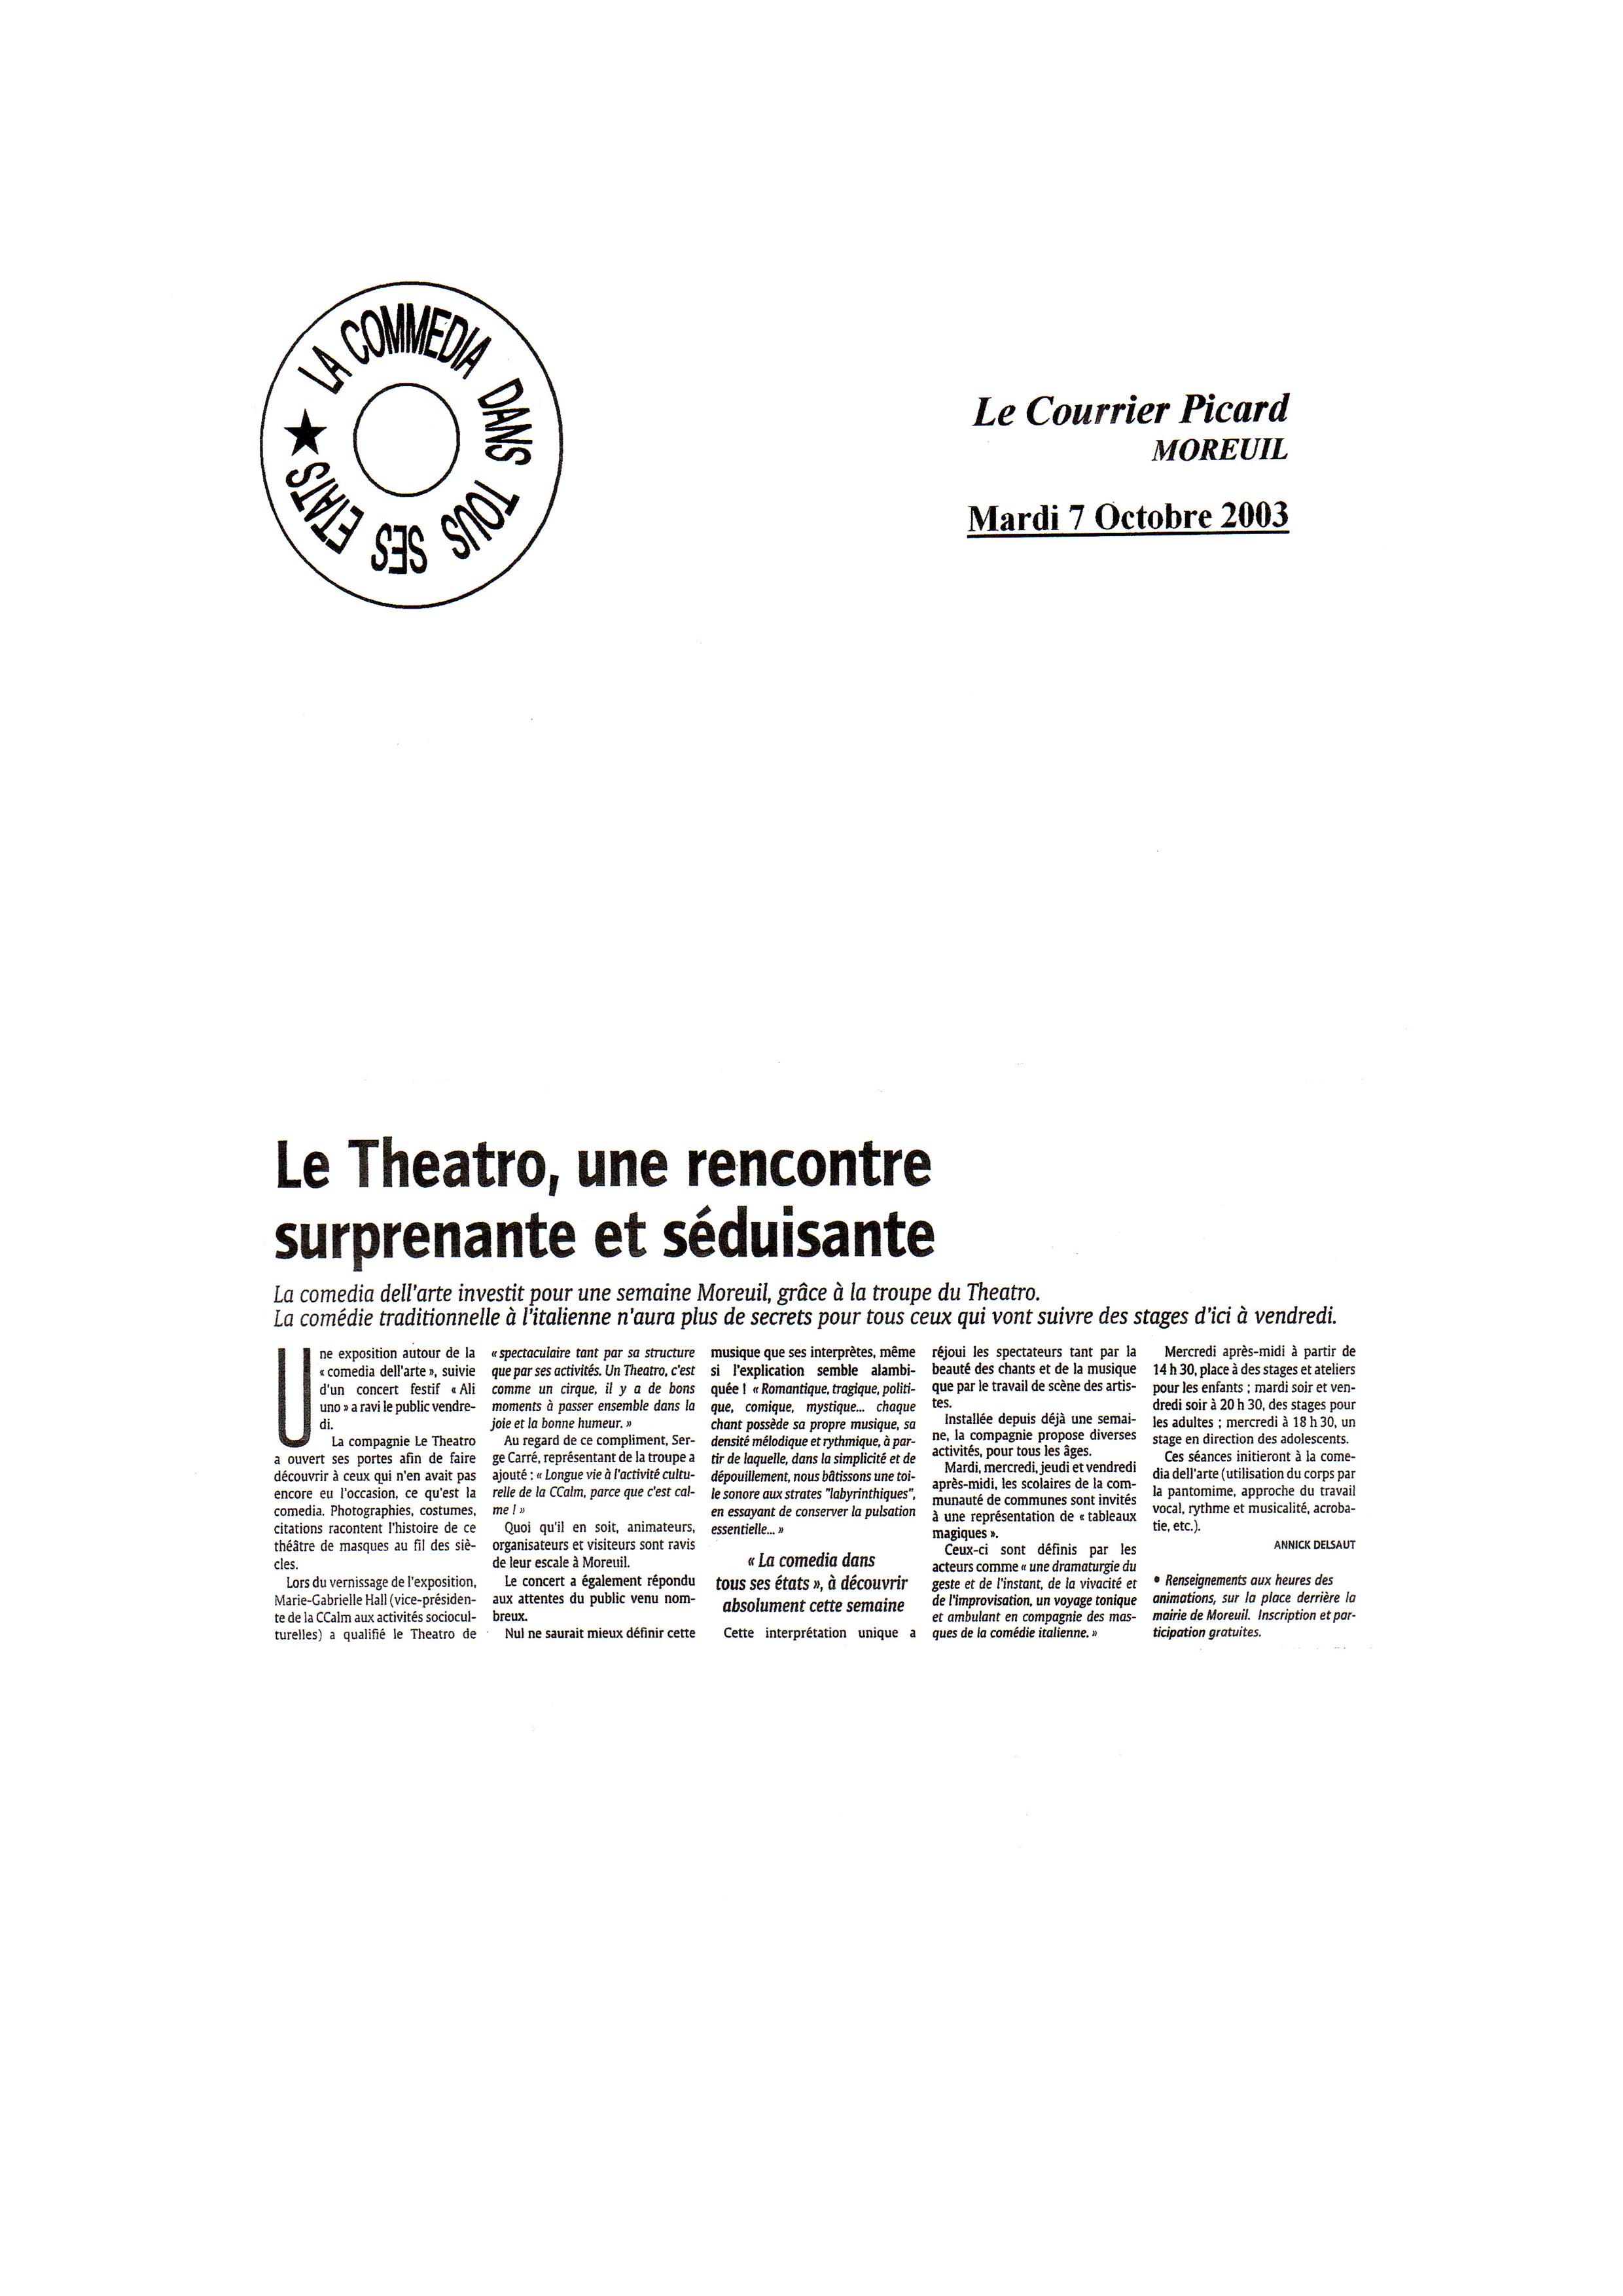 Moreuil 07.10.03.jpg